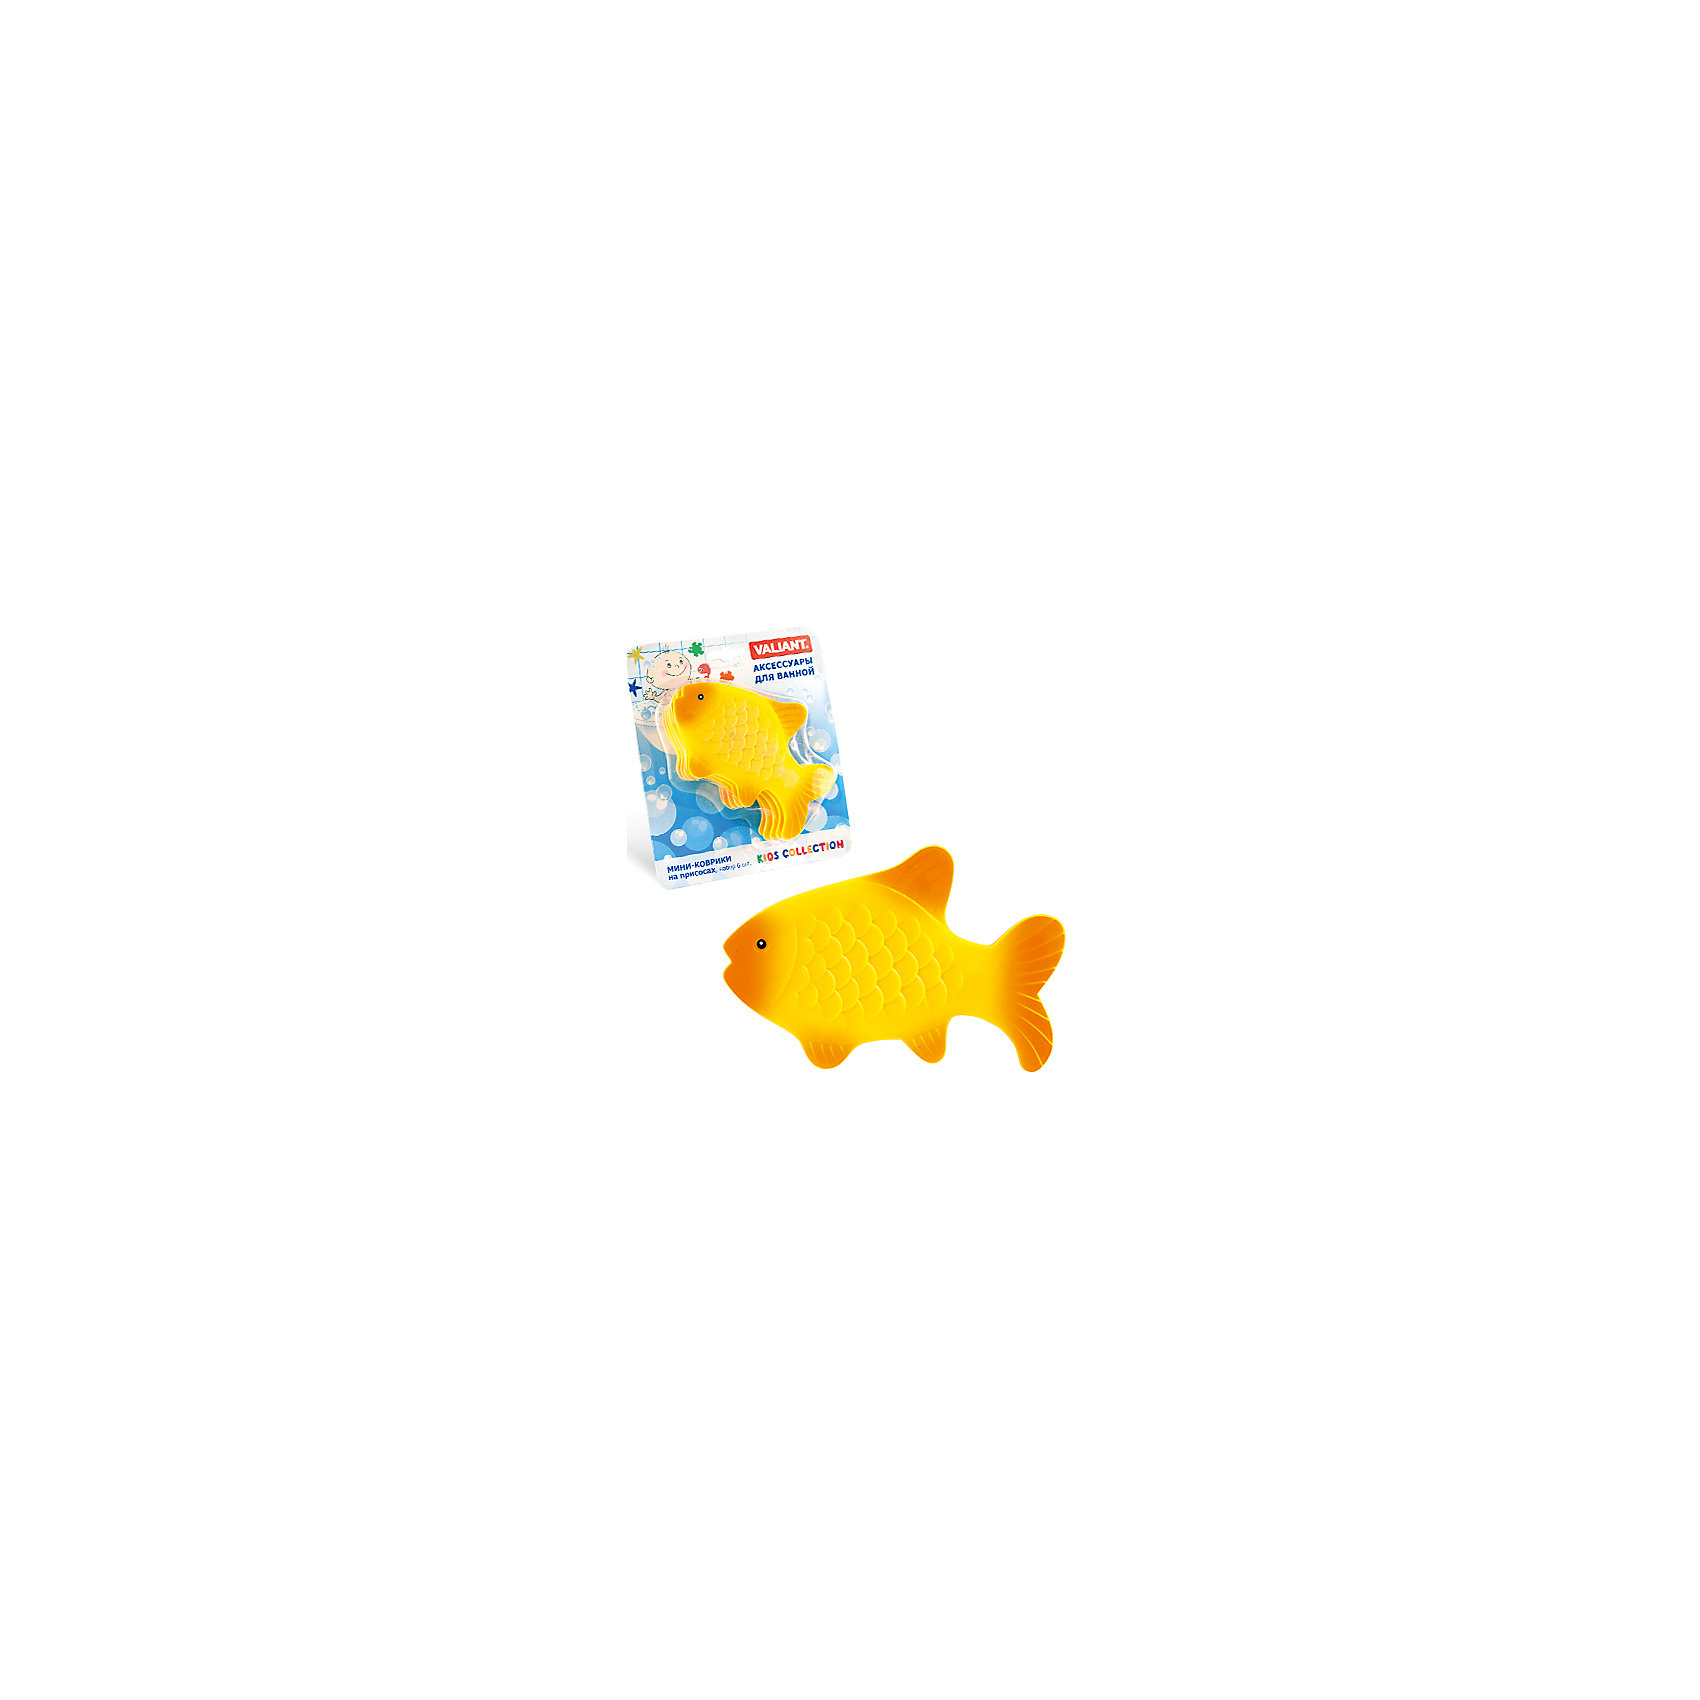 Набор ковриков для ванны на присосках Золотая рыбка, 6 штНабор ковриков для ванны на присосках Золотая рыбка, 6 шт – безопасное купание обеспечено.<br>Коврики крепятся к ванной с помощью присосок и не дают упасть. Позволяют маленьким непоседам превратить купание в игру без риска для жизни. Веселые, яркие и похожие на игрушки коврики сделаны из полностью безопасных материалов и содержат в себе антибактериальные компоненты. При высокой температуре воды коврики меняют свой цвет. <br><br>Дополнительно: <br><br>- 6 ковриков<br>- материал: винил<br>- размер:  12 х 9,5 см<br><br>Набор ковриков для ванны на присосках Золотая рыбка, 6 шт можно купить в нашем интернет магазине.<br><br>Ширина мм: 135<br>Глубина мм: 95<br>Высота мм: 15<br>Вес г: 181<br>Возраст от месяцев: 3<br>Возраст до месяцев: 36<br>Пол: Унисекс<br>Возраст: Детский<br>SKU: 4923437